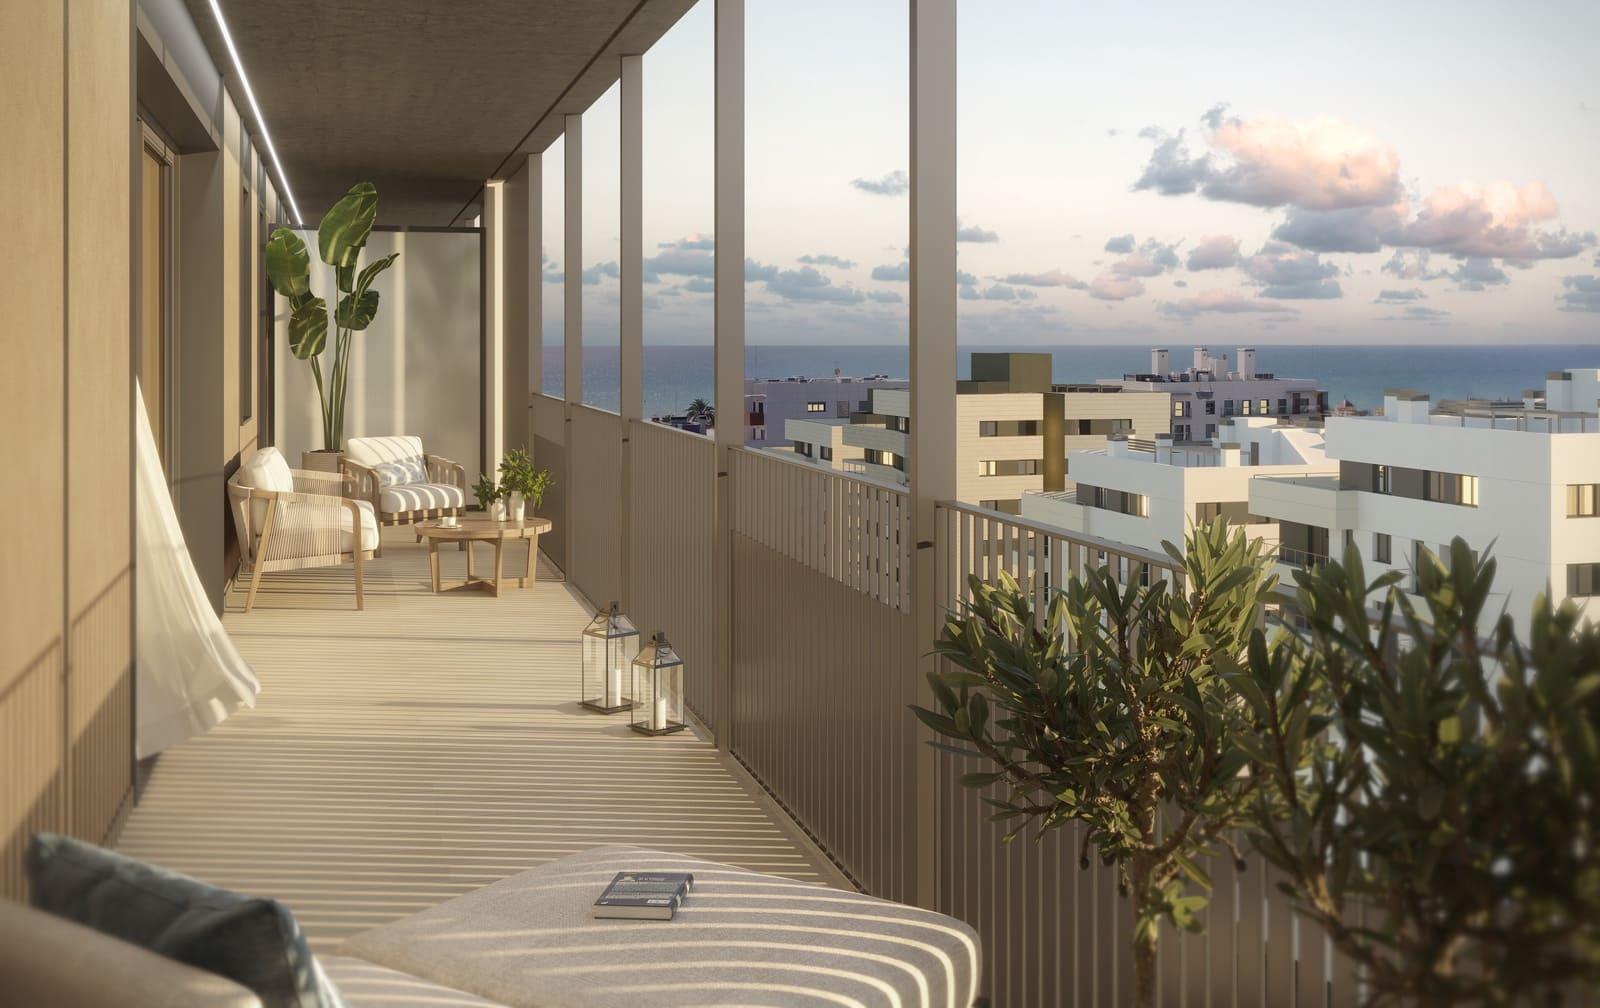 4 chambre Appartement à vendre à Vilanova i la Geltru avec piscine - 370 000 € (Ref: 5931469)